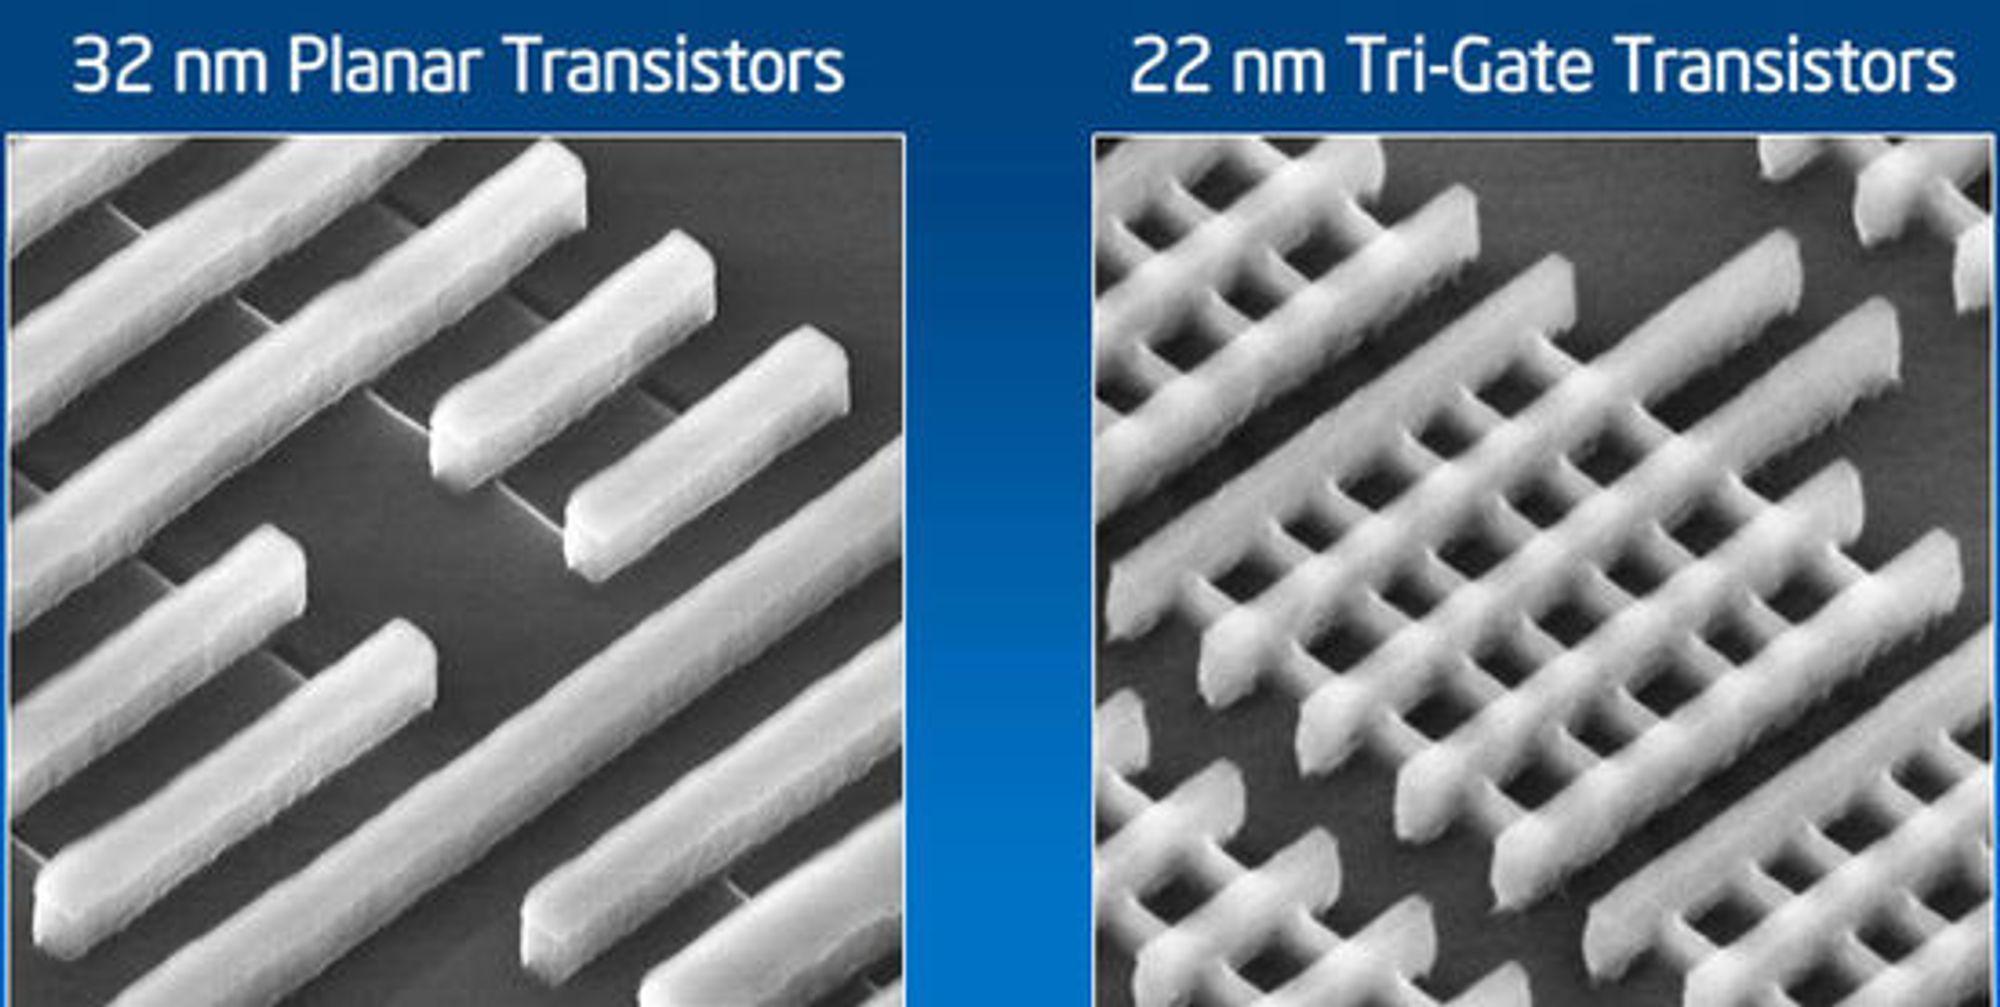 Mikroskopbilde av Intels Tri-Gate-transistorer, sammenlignet med Intels vanlige planartransistorer.